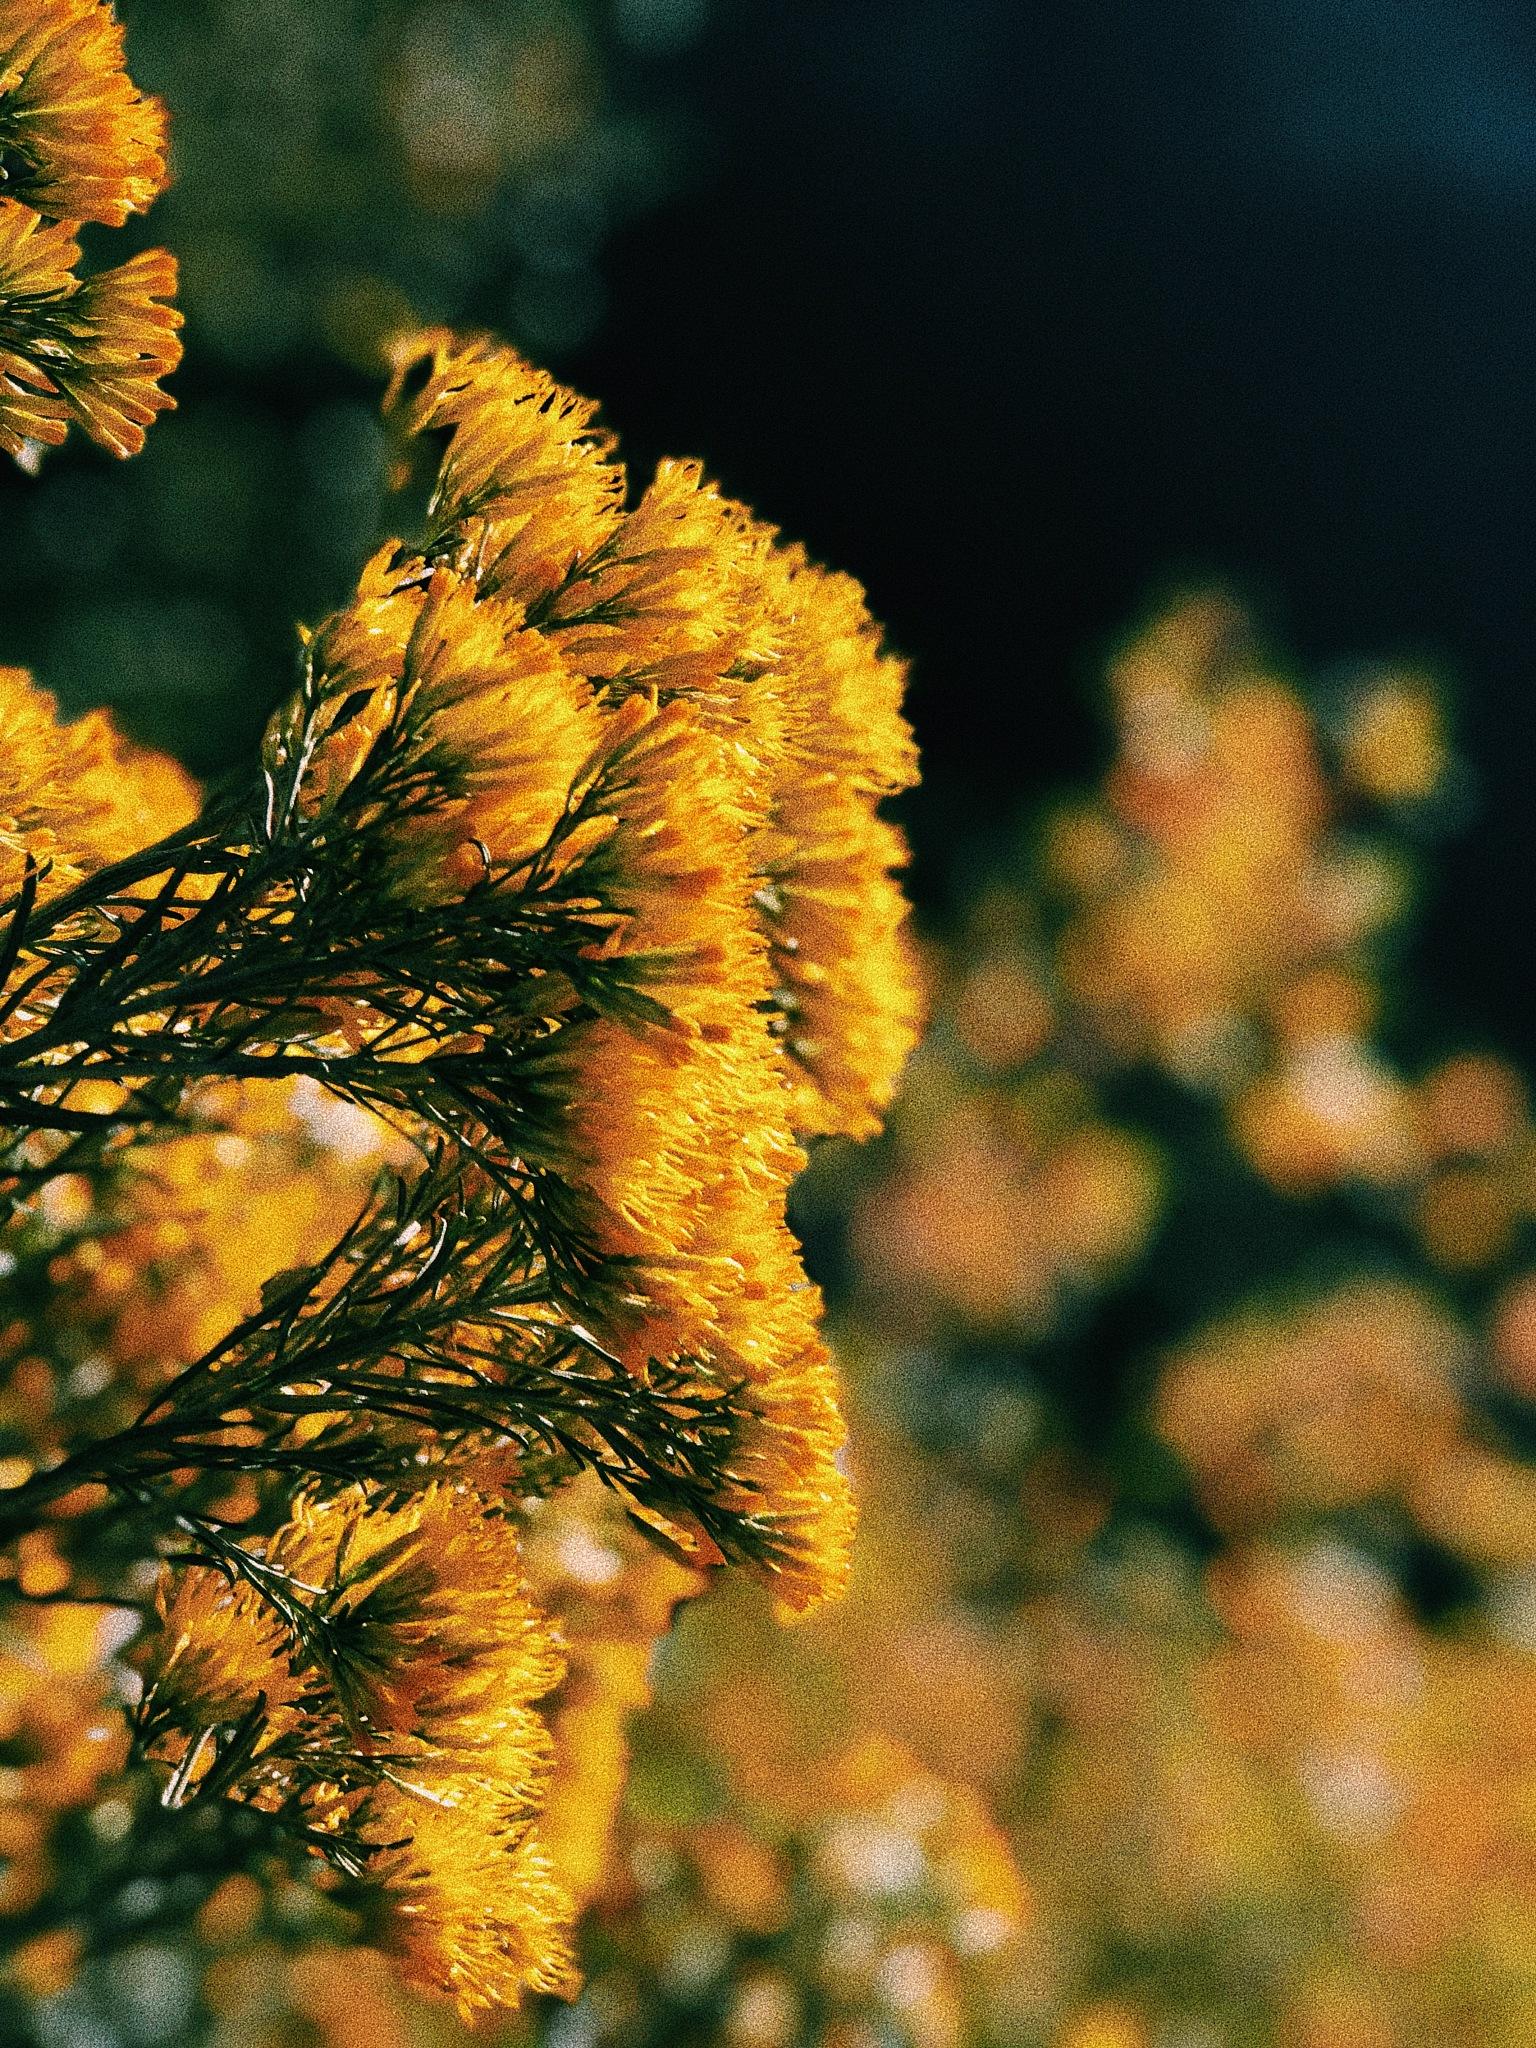 Flowers  by ᴛᴇᴢᴢᴀ ᴘʜᴏᴛᴏɢʀᴀᴘʜʏ